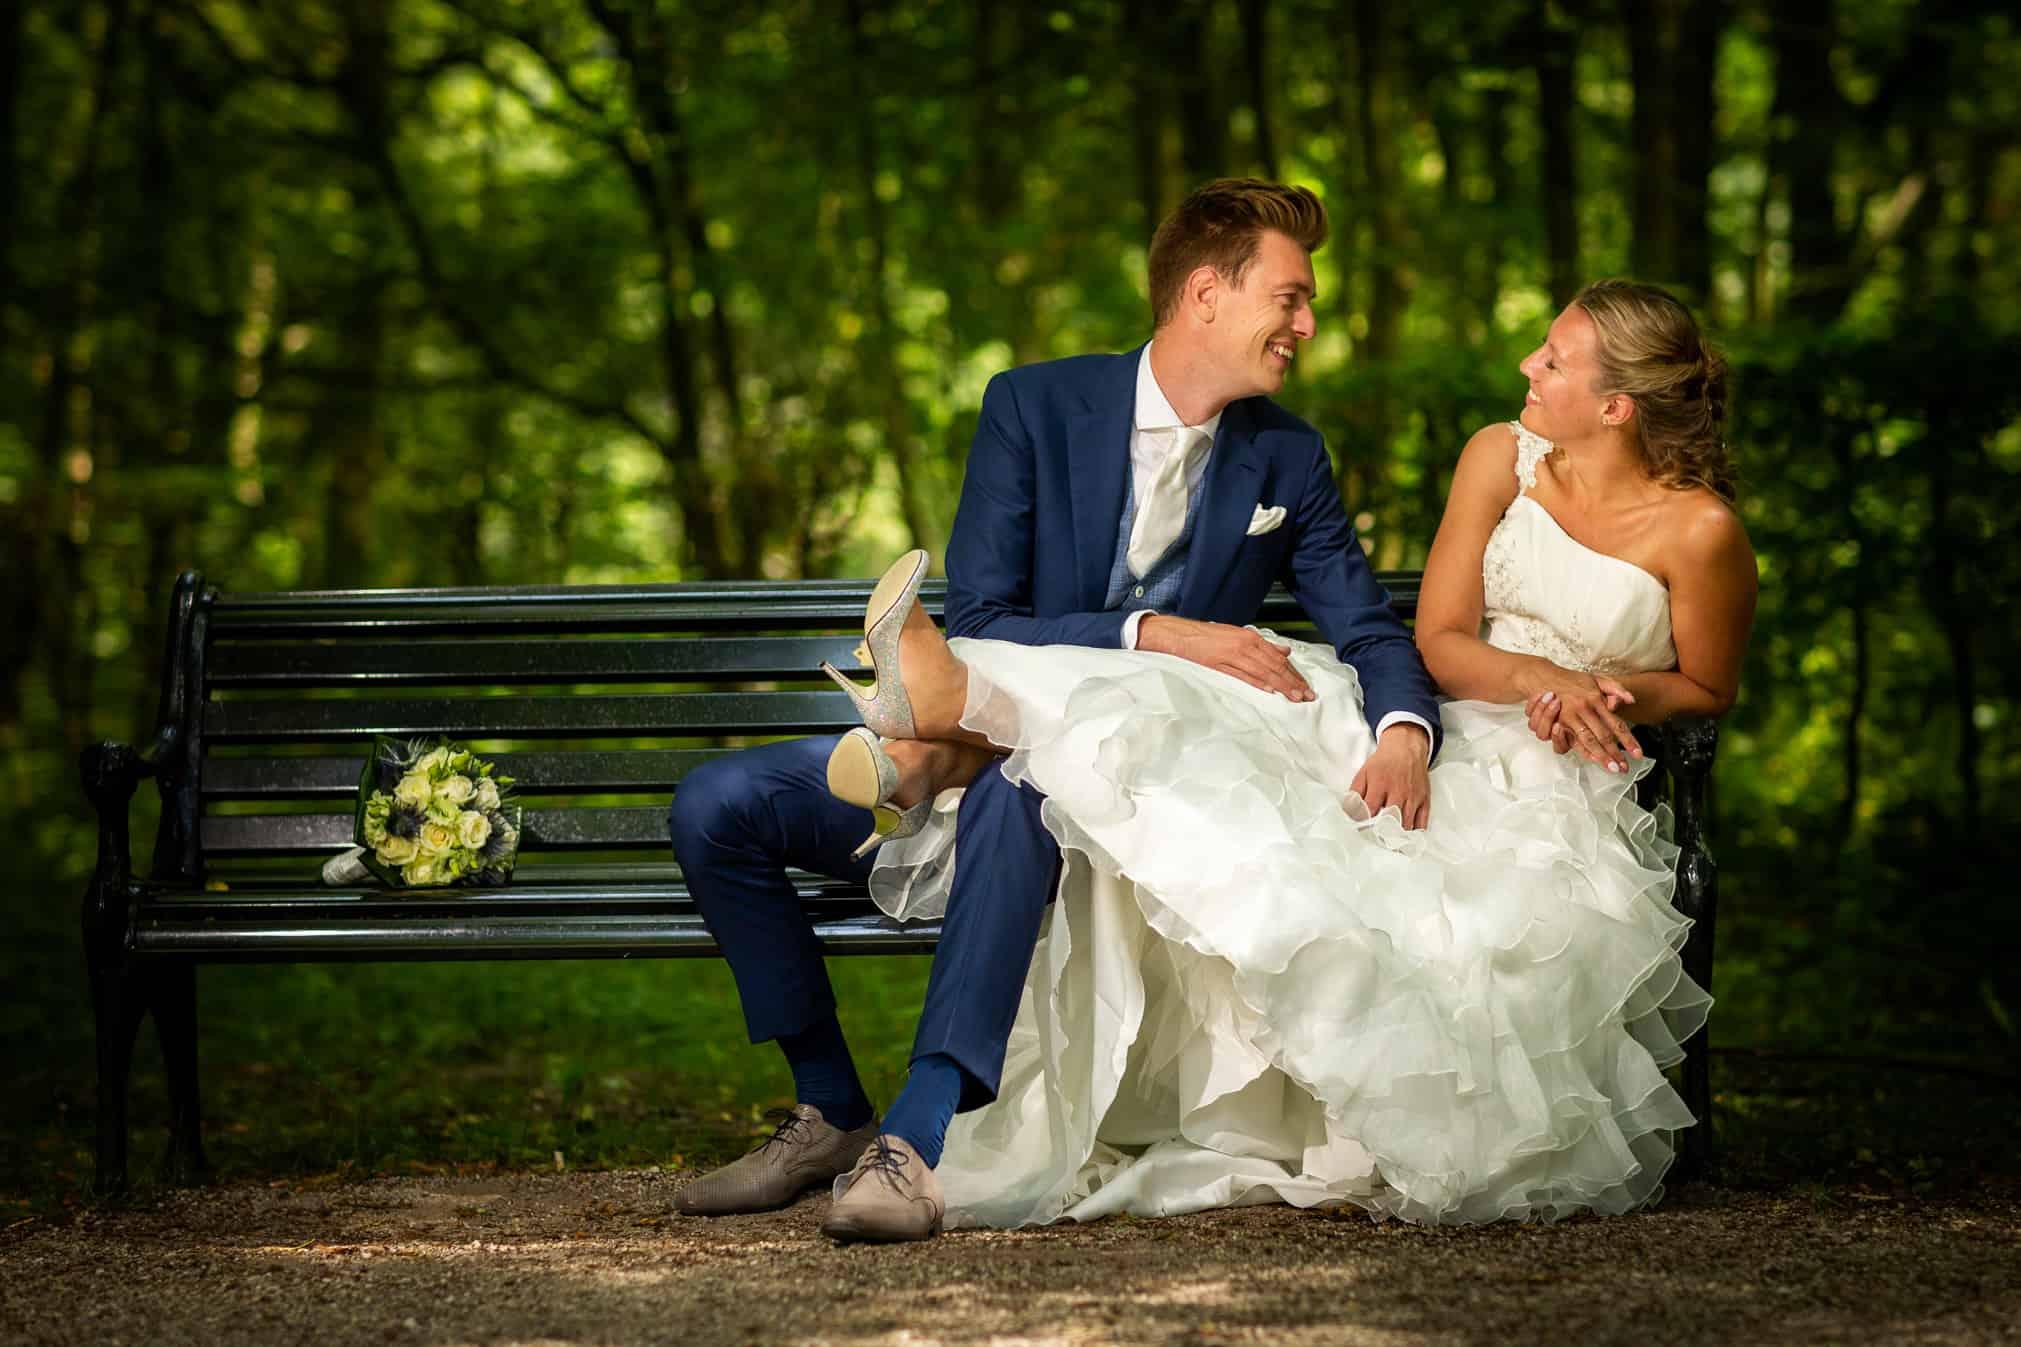 fotograaf huwelijk Naaldwijk Westland trouwen